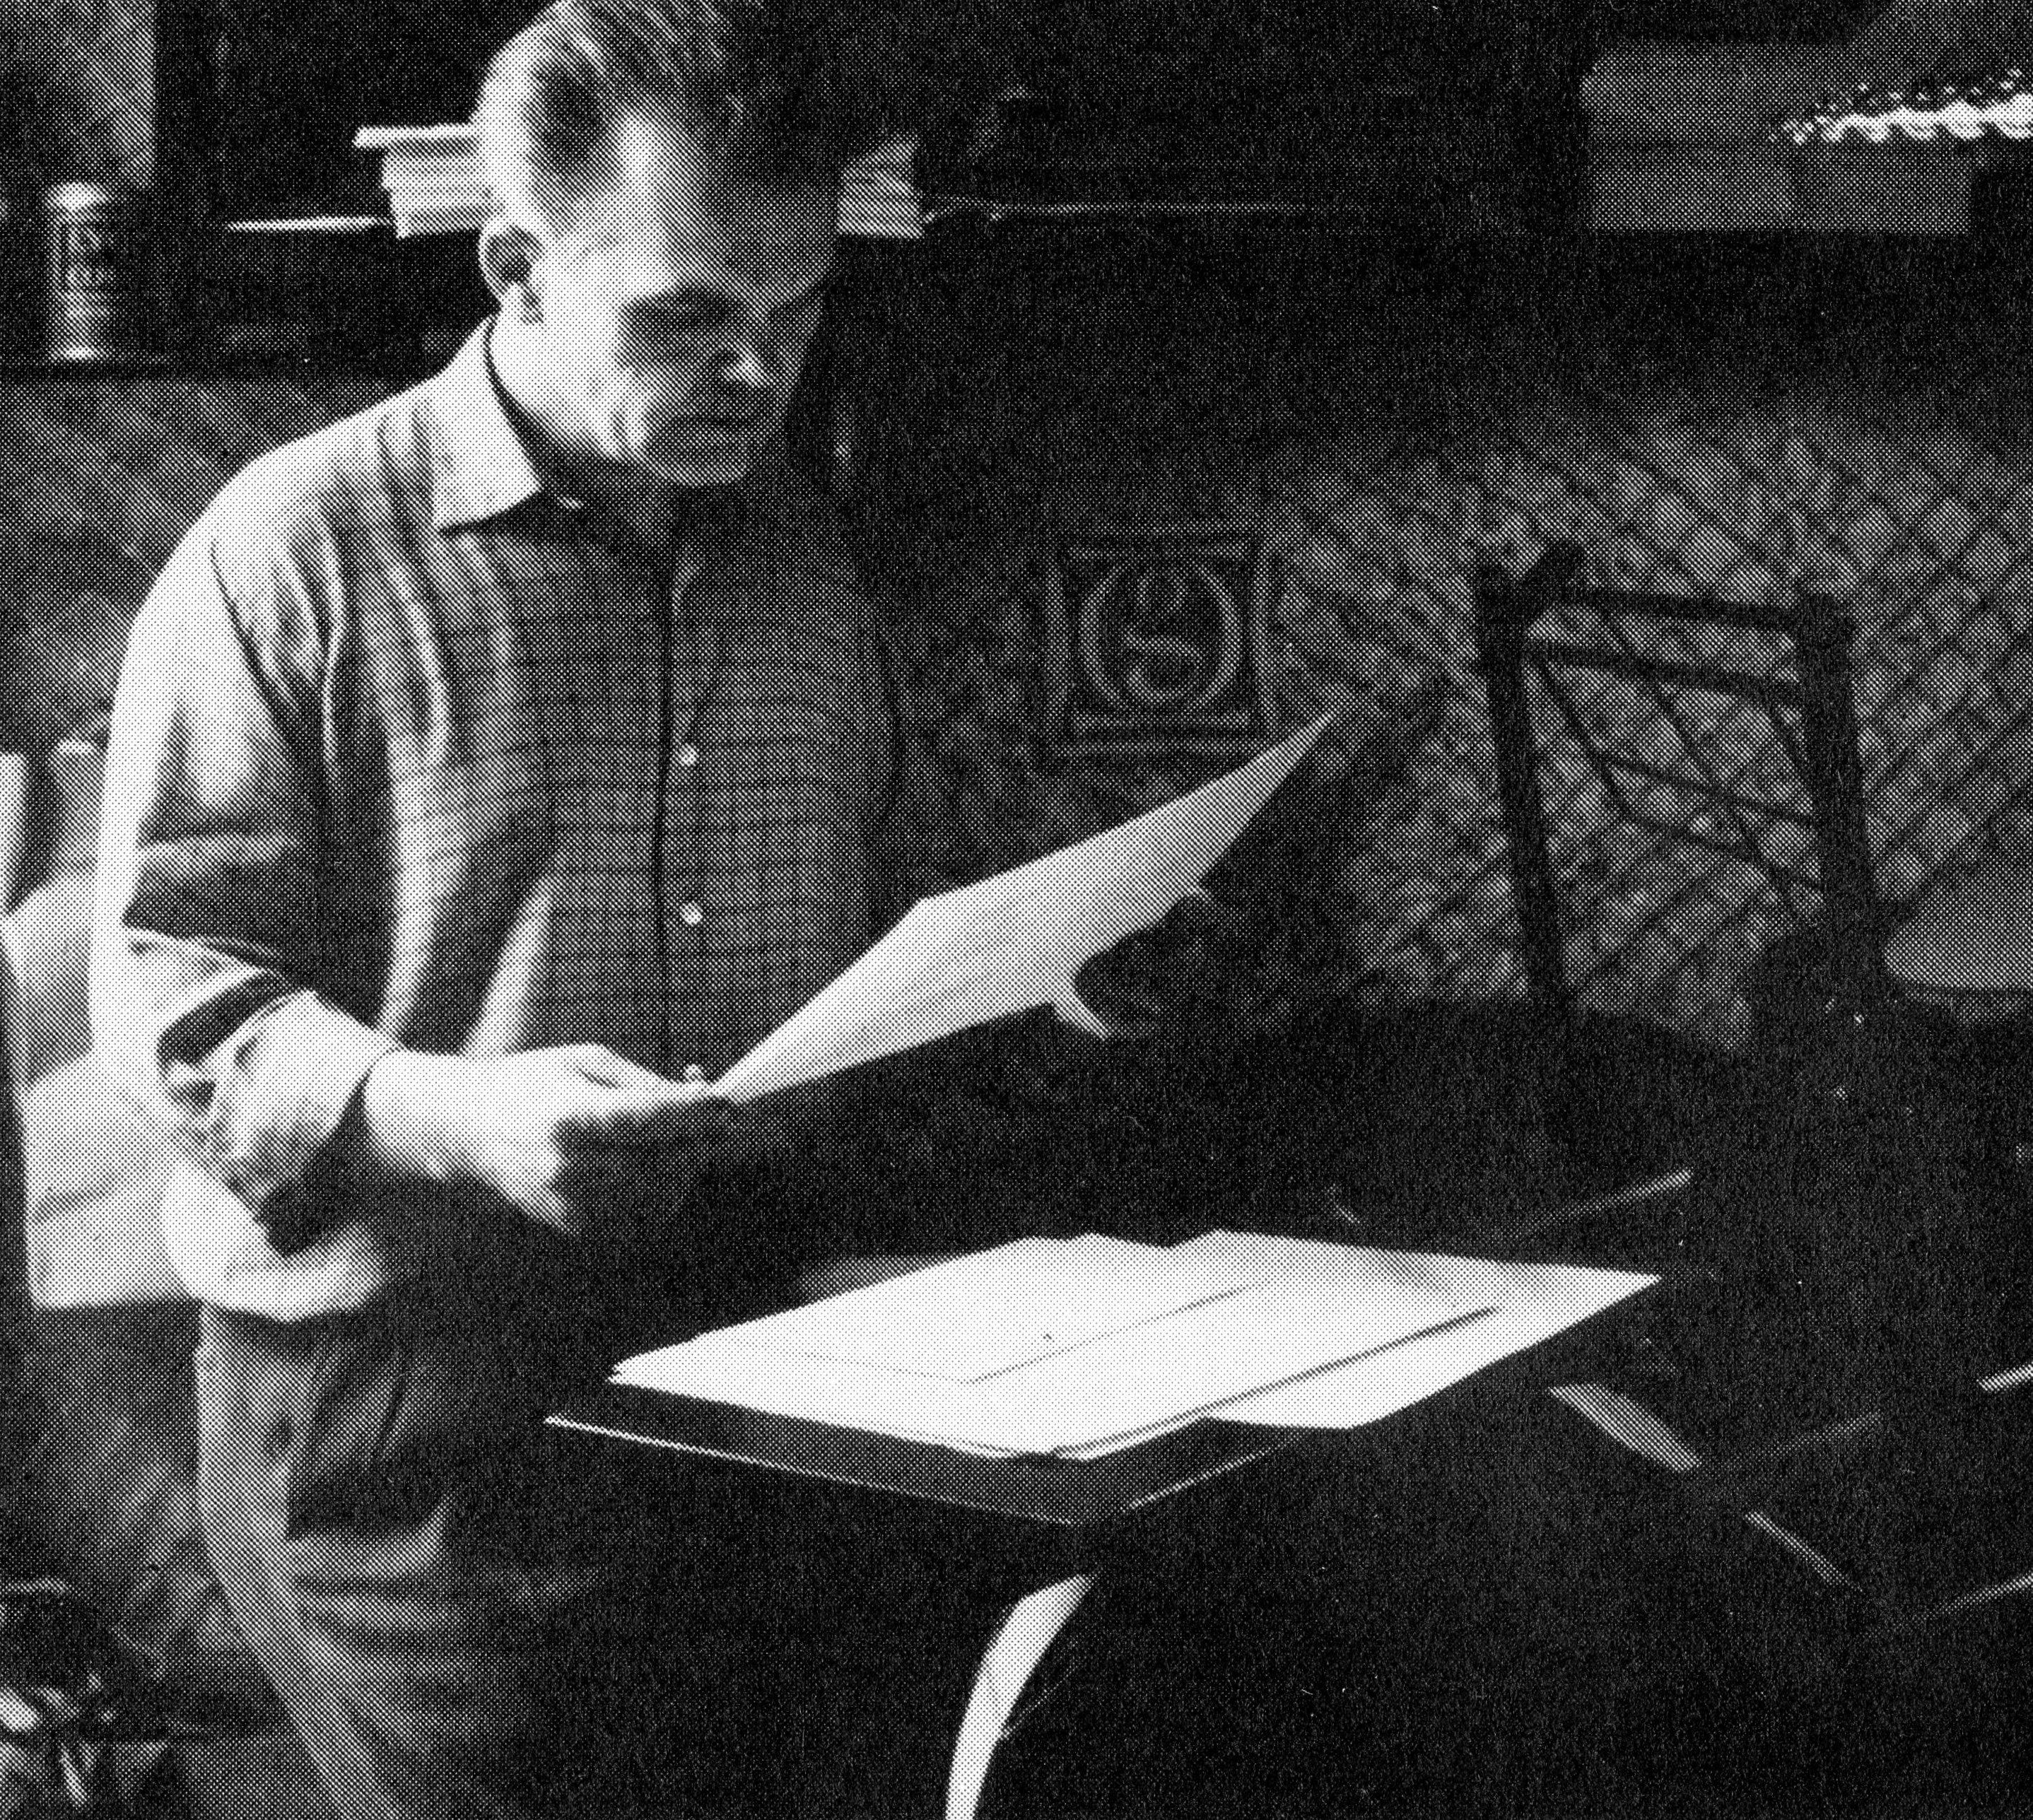 <div class='inner-box'><div class='close-desc'></div><span class='opis'>Stanisław Gliwa w swojej pracowni. Southend-on-Sea, ok 1960 r. Fotografia pochodzi z książki Mai Elżbiety Cybulskiej &quot;Rozmowy ze Stanisławem Gliwą&quot;. Wyd Polska Fundacja Kulturalna, Londyn 1990 r.</span><div class='clearfix'></div><span>Sygn. sm00209</span><div class='clearfix'></div><span>&copy; Instytut Literacki</span></div>